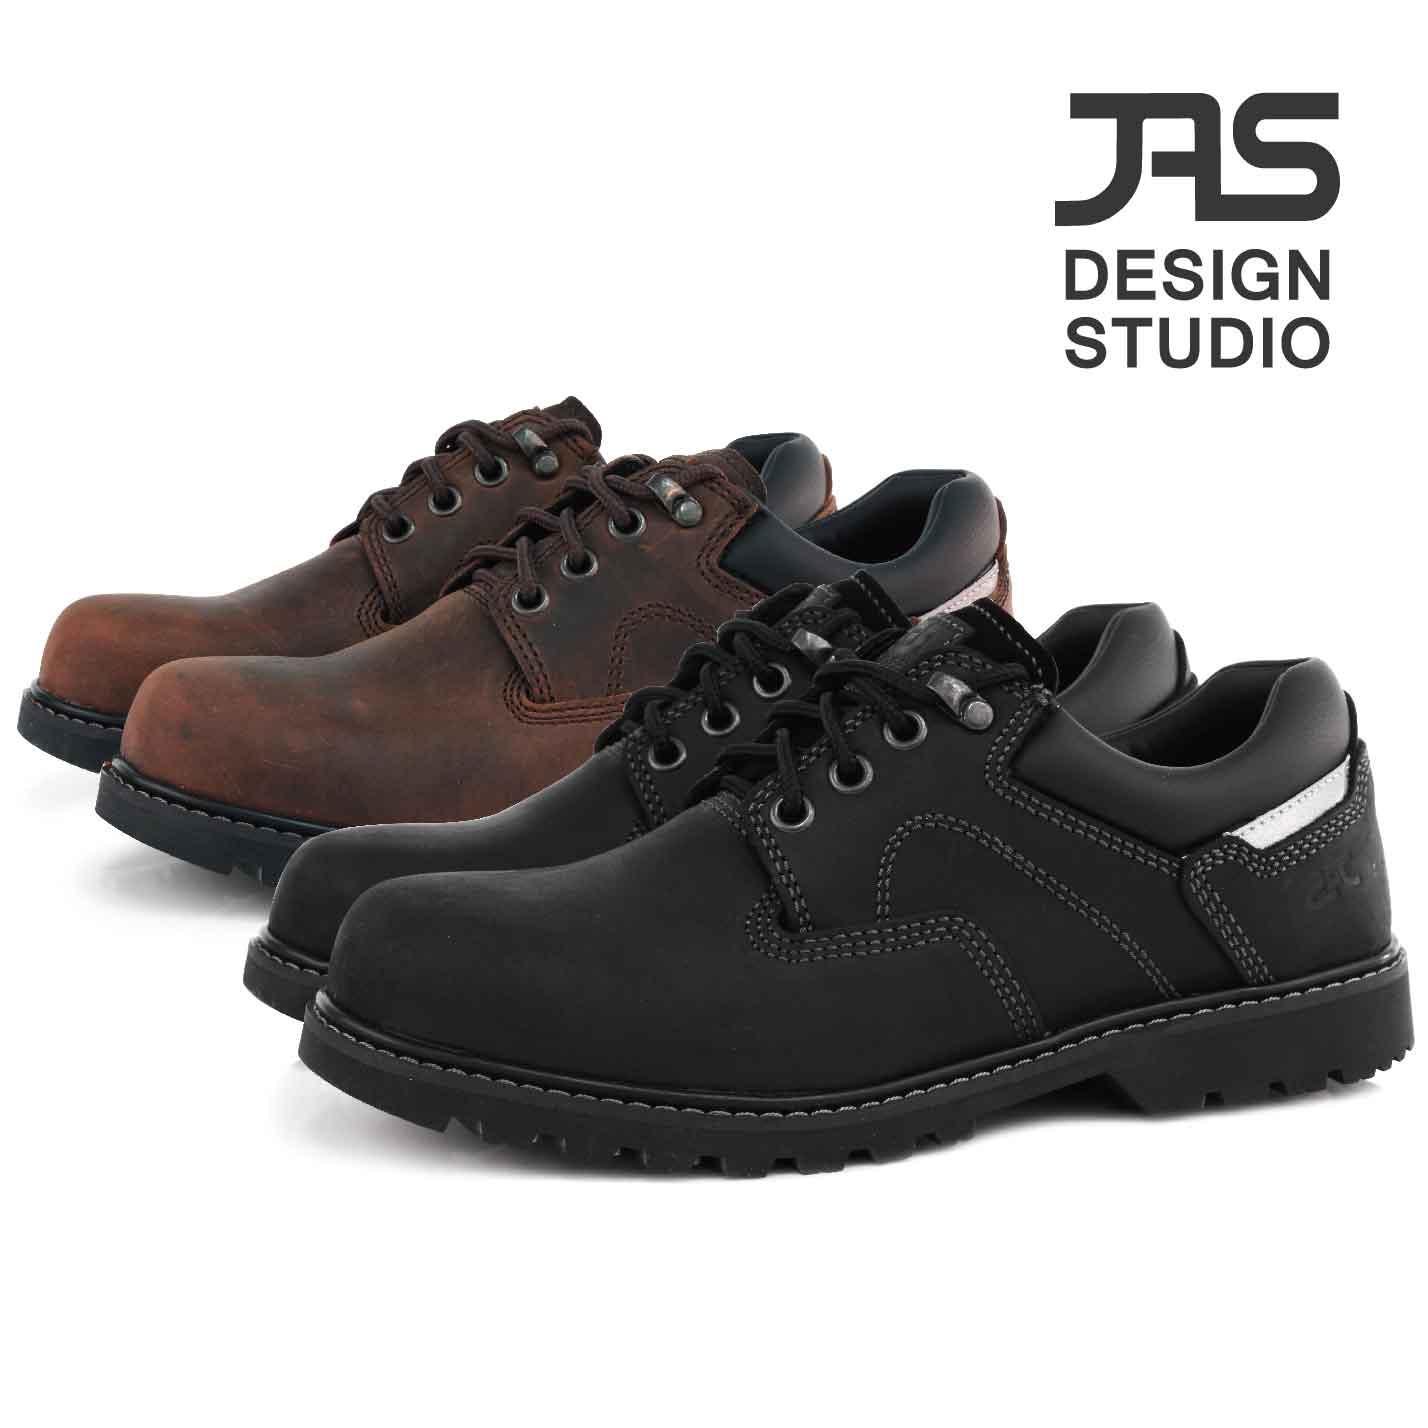 JASSHOES【JW工作鞋】真皮 油臘感 美國牛皮 鞋帶 鋼包頭 橡膠底 耐磨 低筒 鋼頭鞋 休閒鞋 共2色-咖啡/黑色